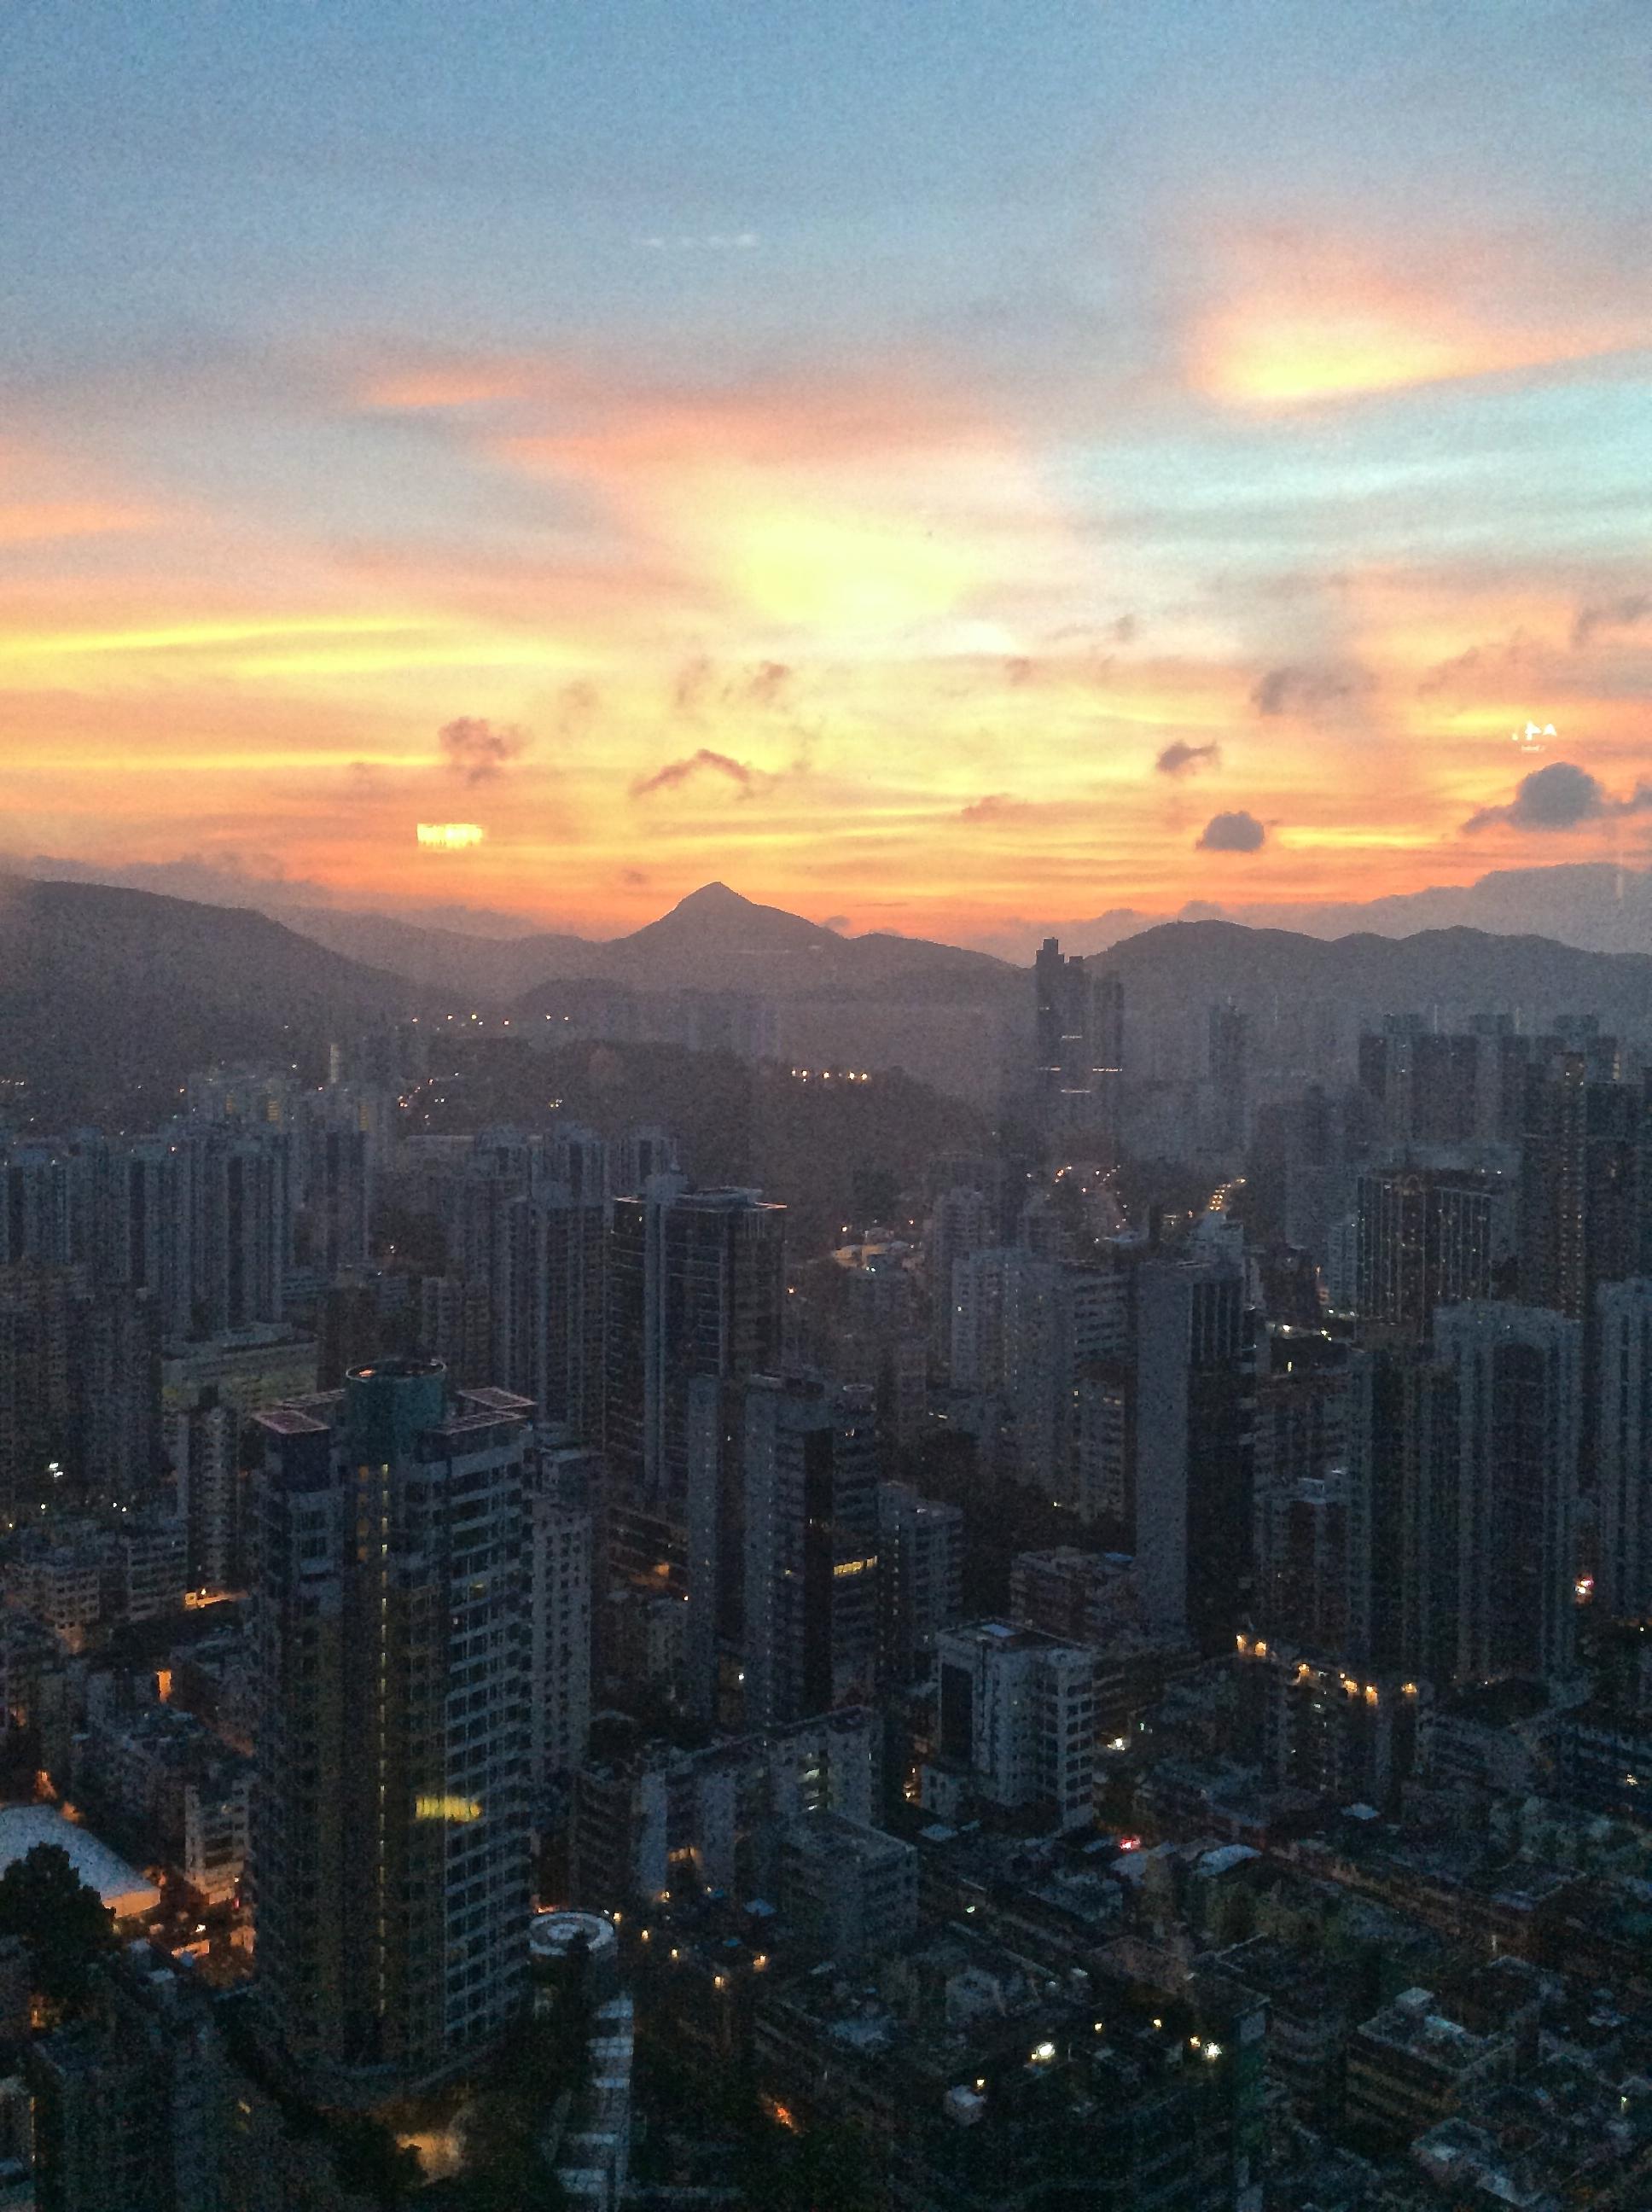 Goodnight Hong Kong